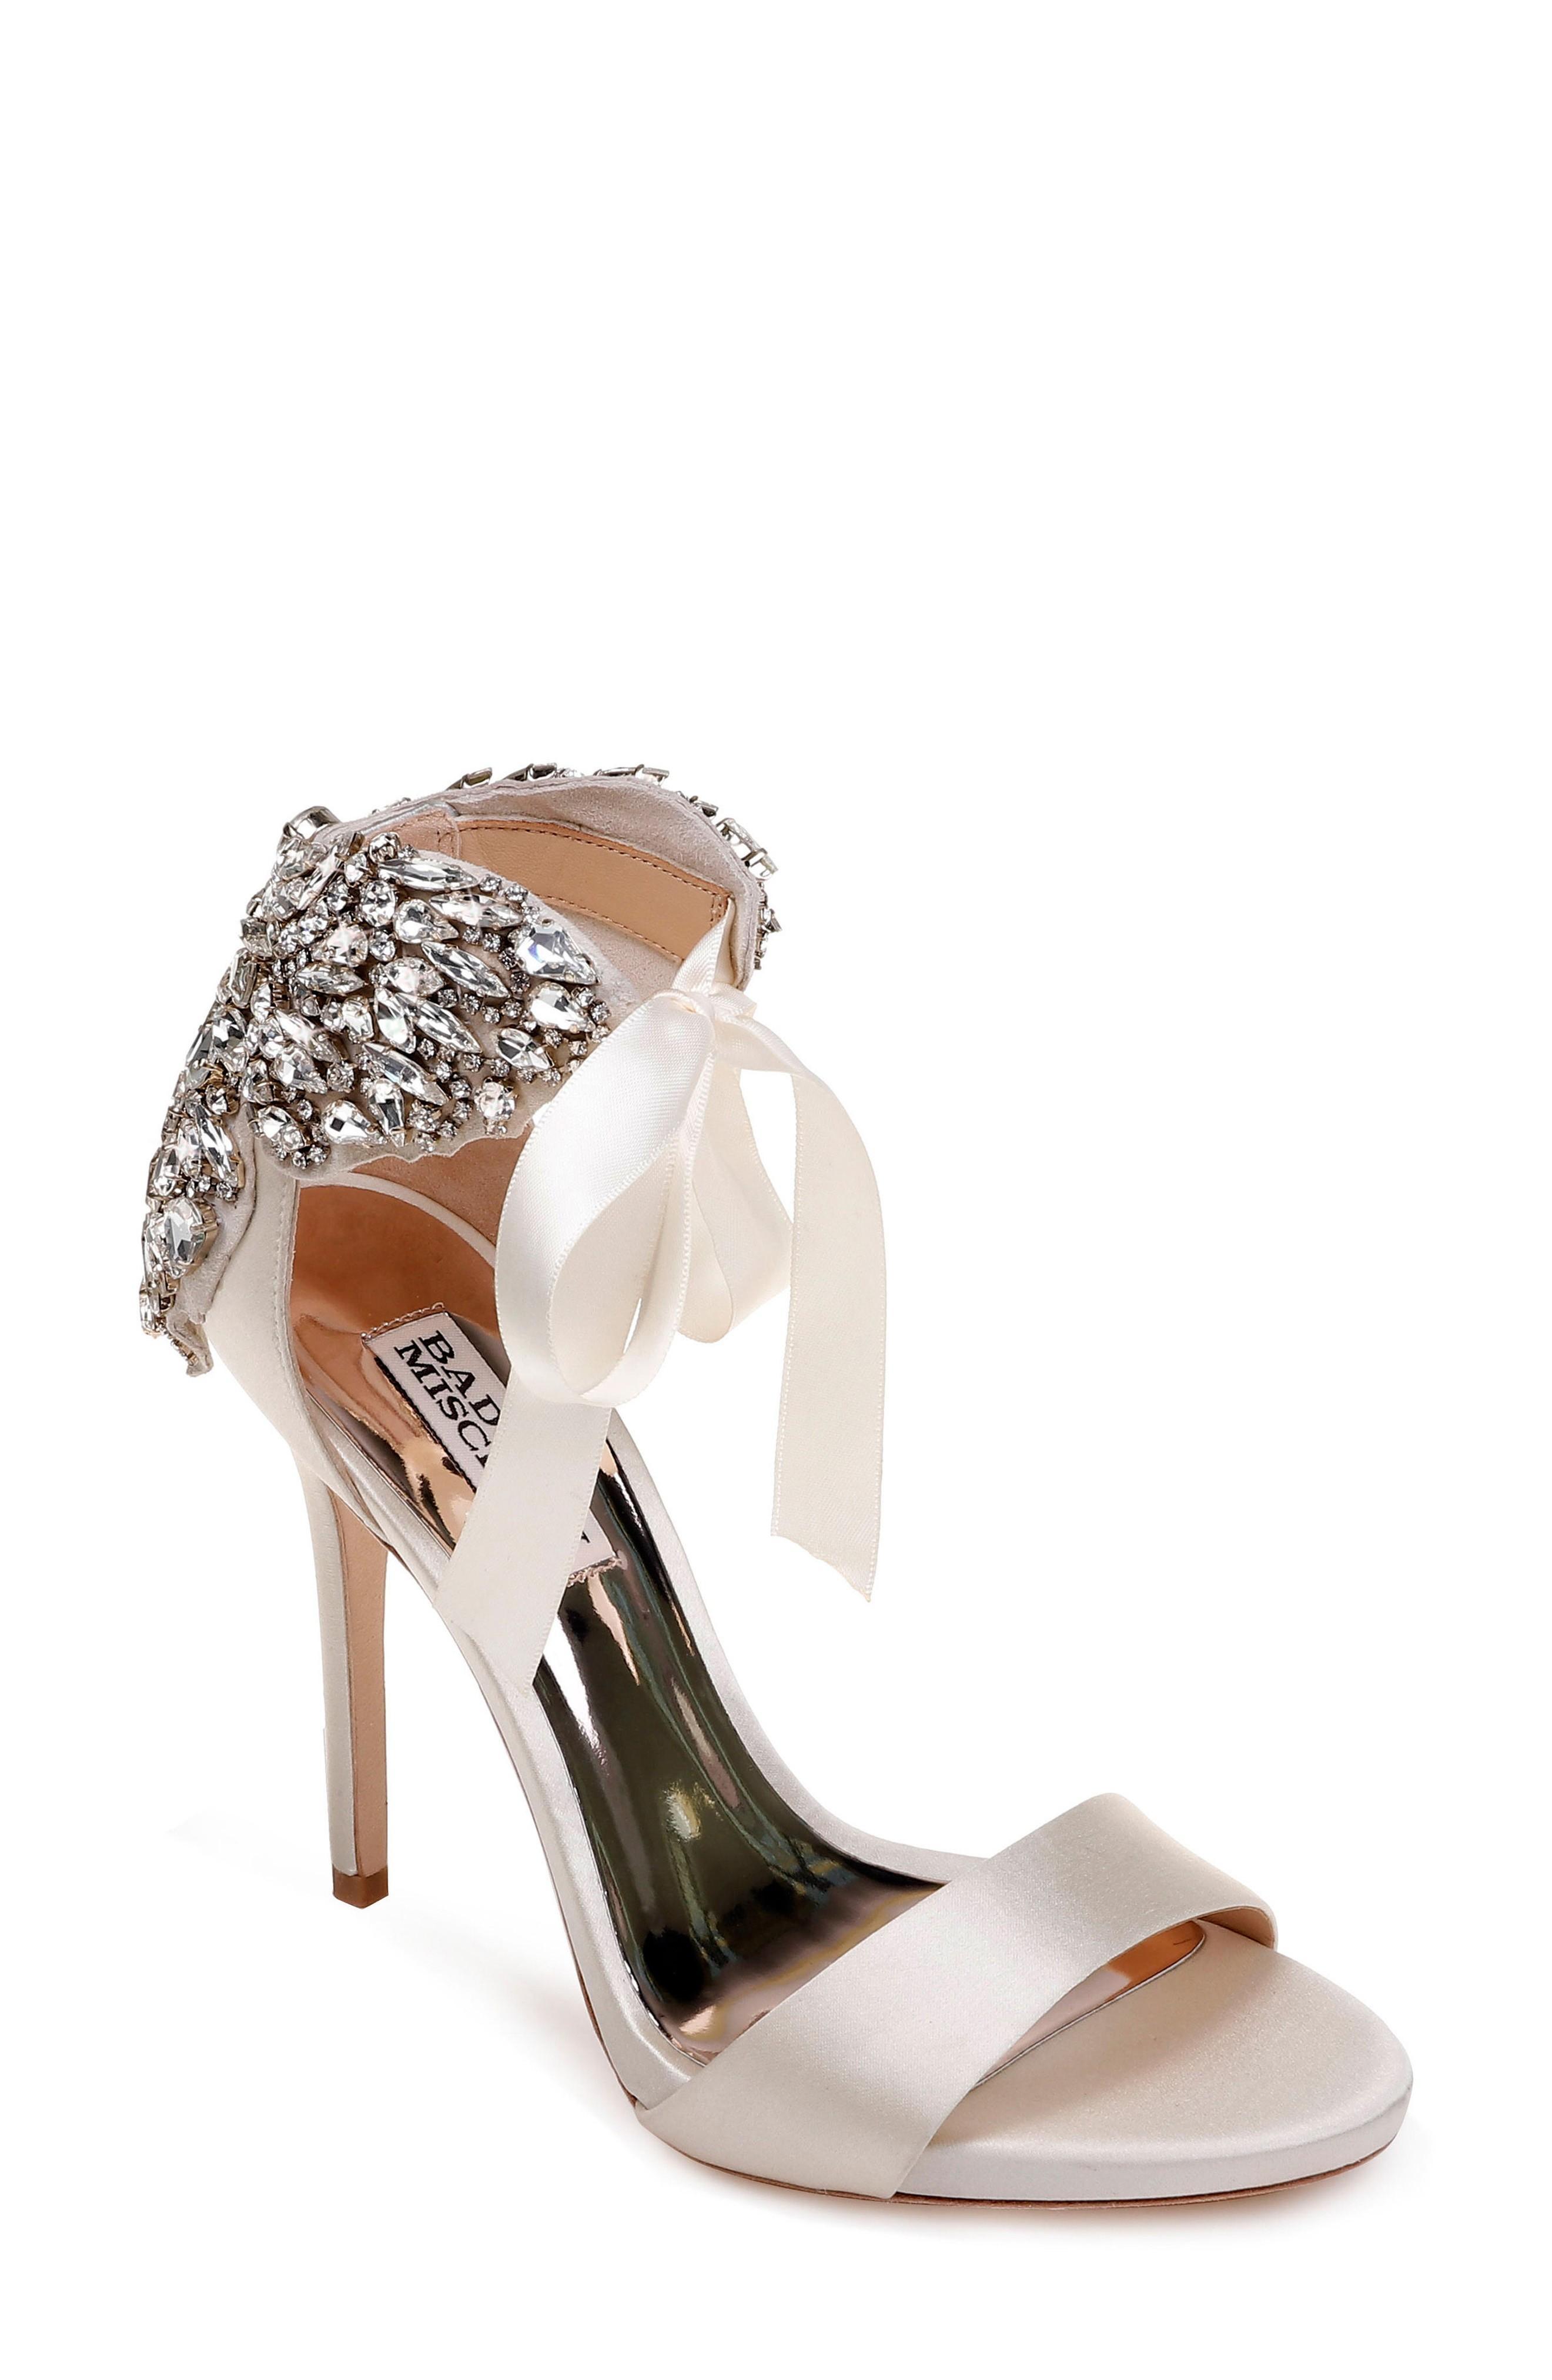 Badgley Mischka Hilda Crystal Embellished Sandal In Ivory Satin